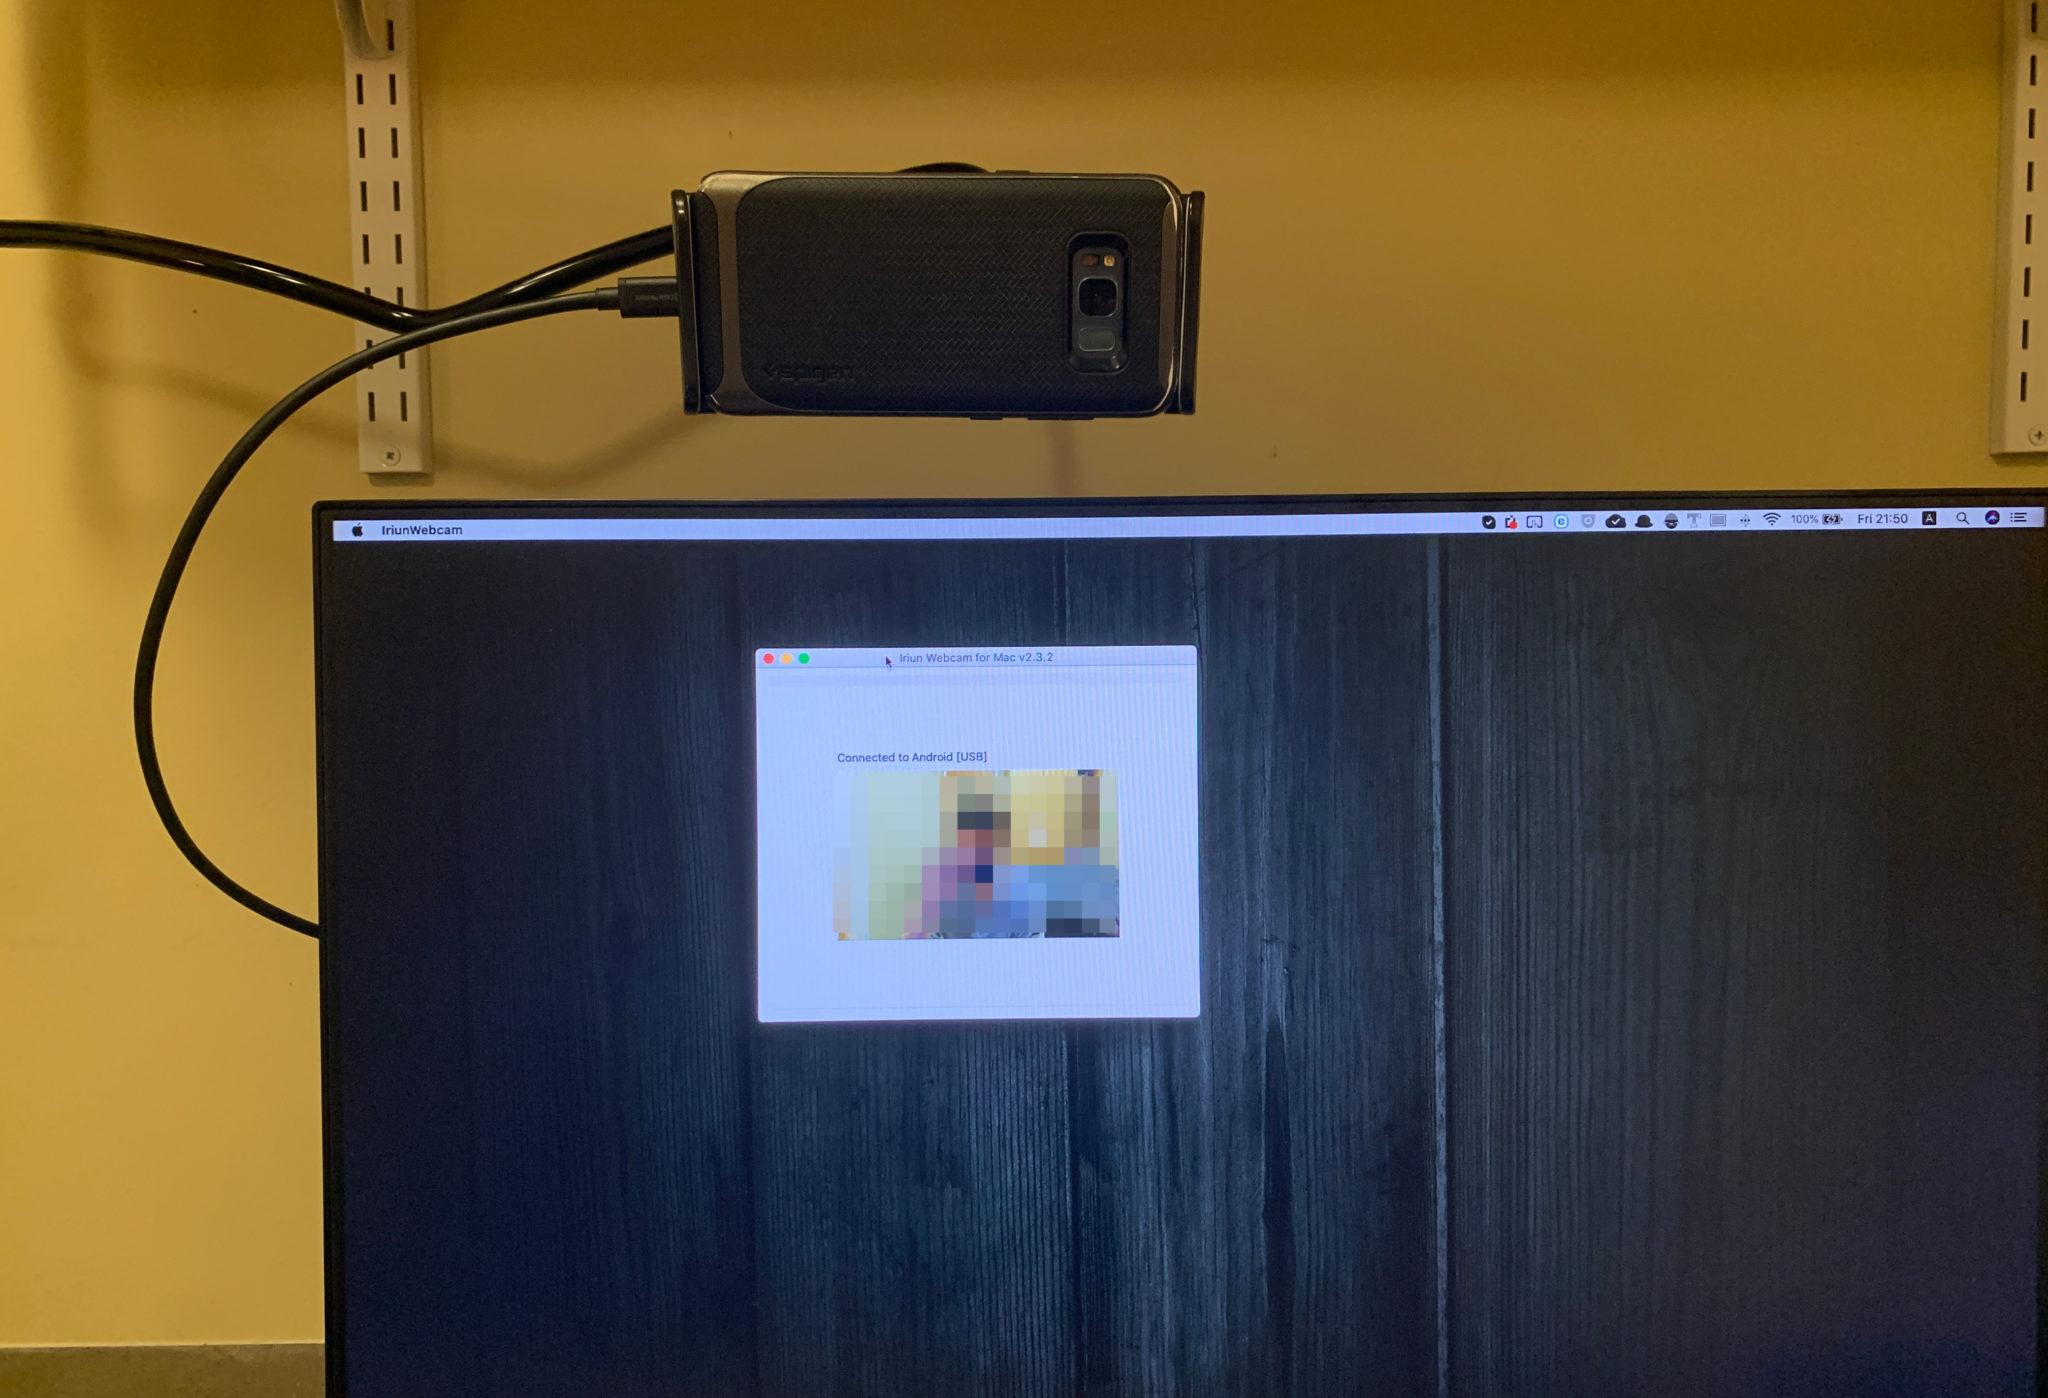 スマホをパソコンのWebCamとして使う裏技